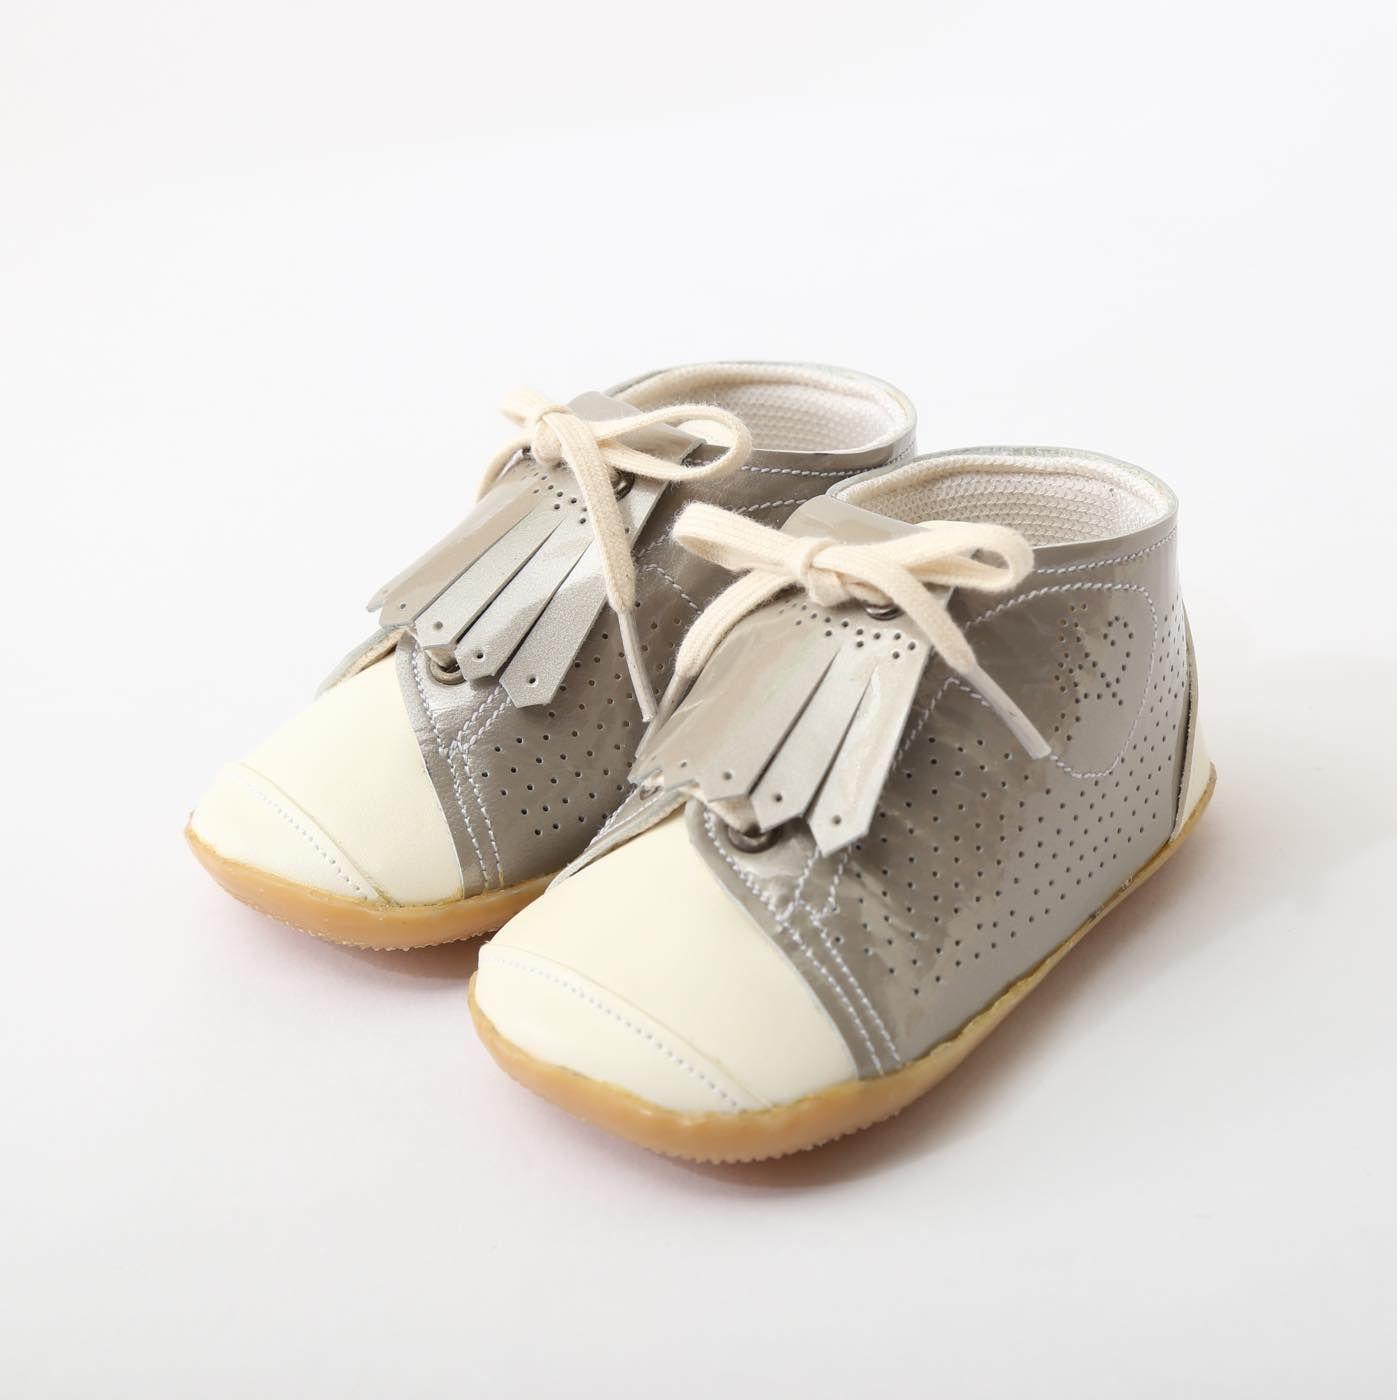 ベビーシューズ シルバー Baby Shoes Silver